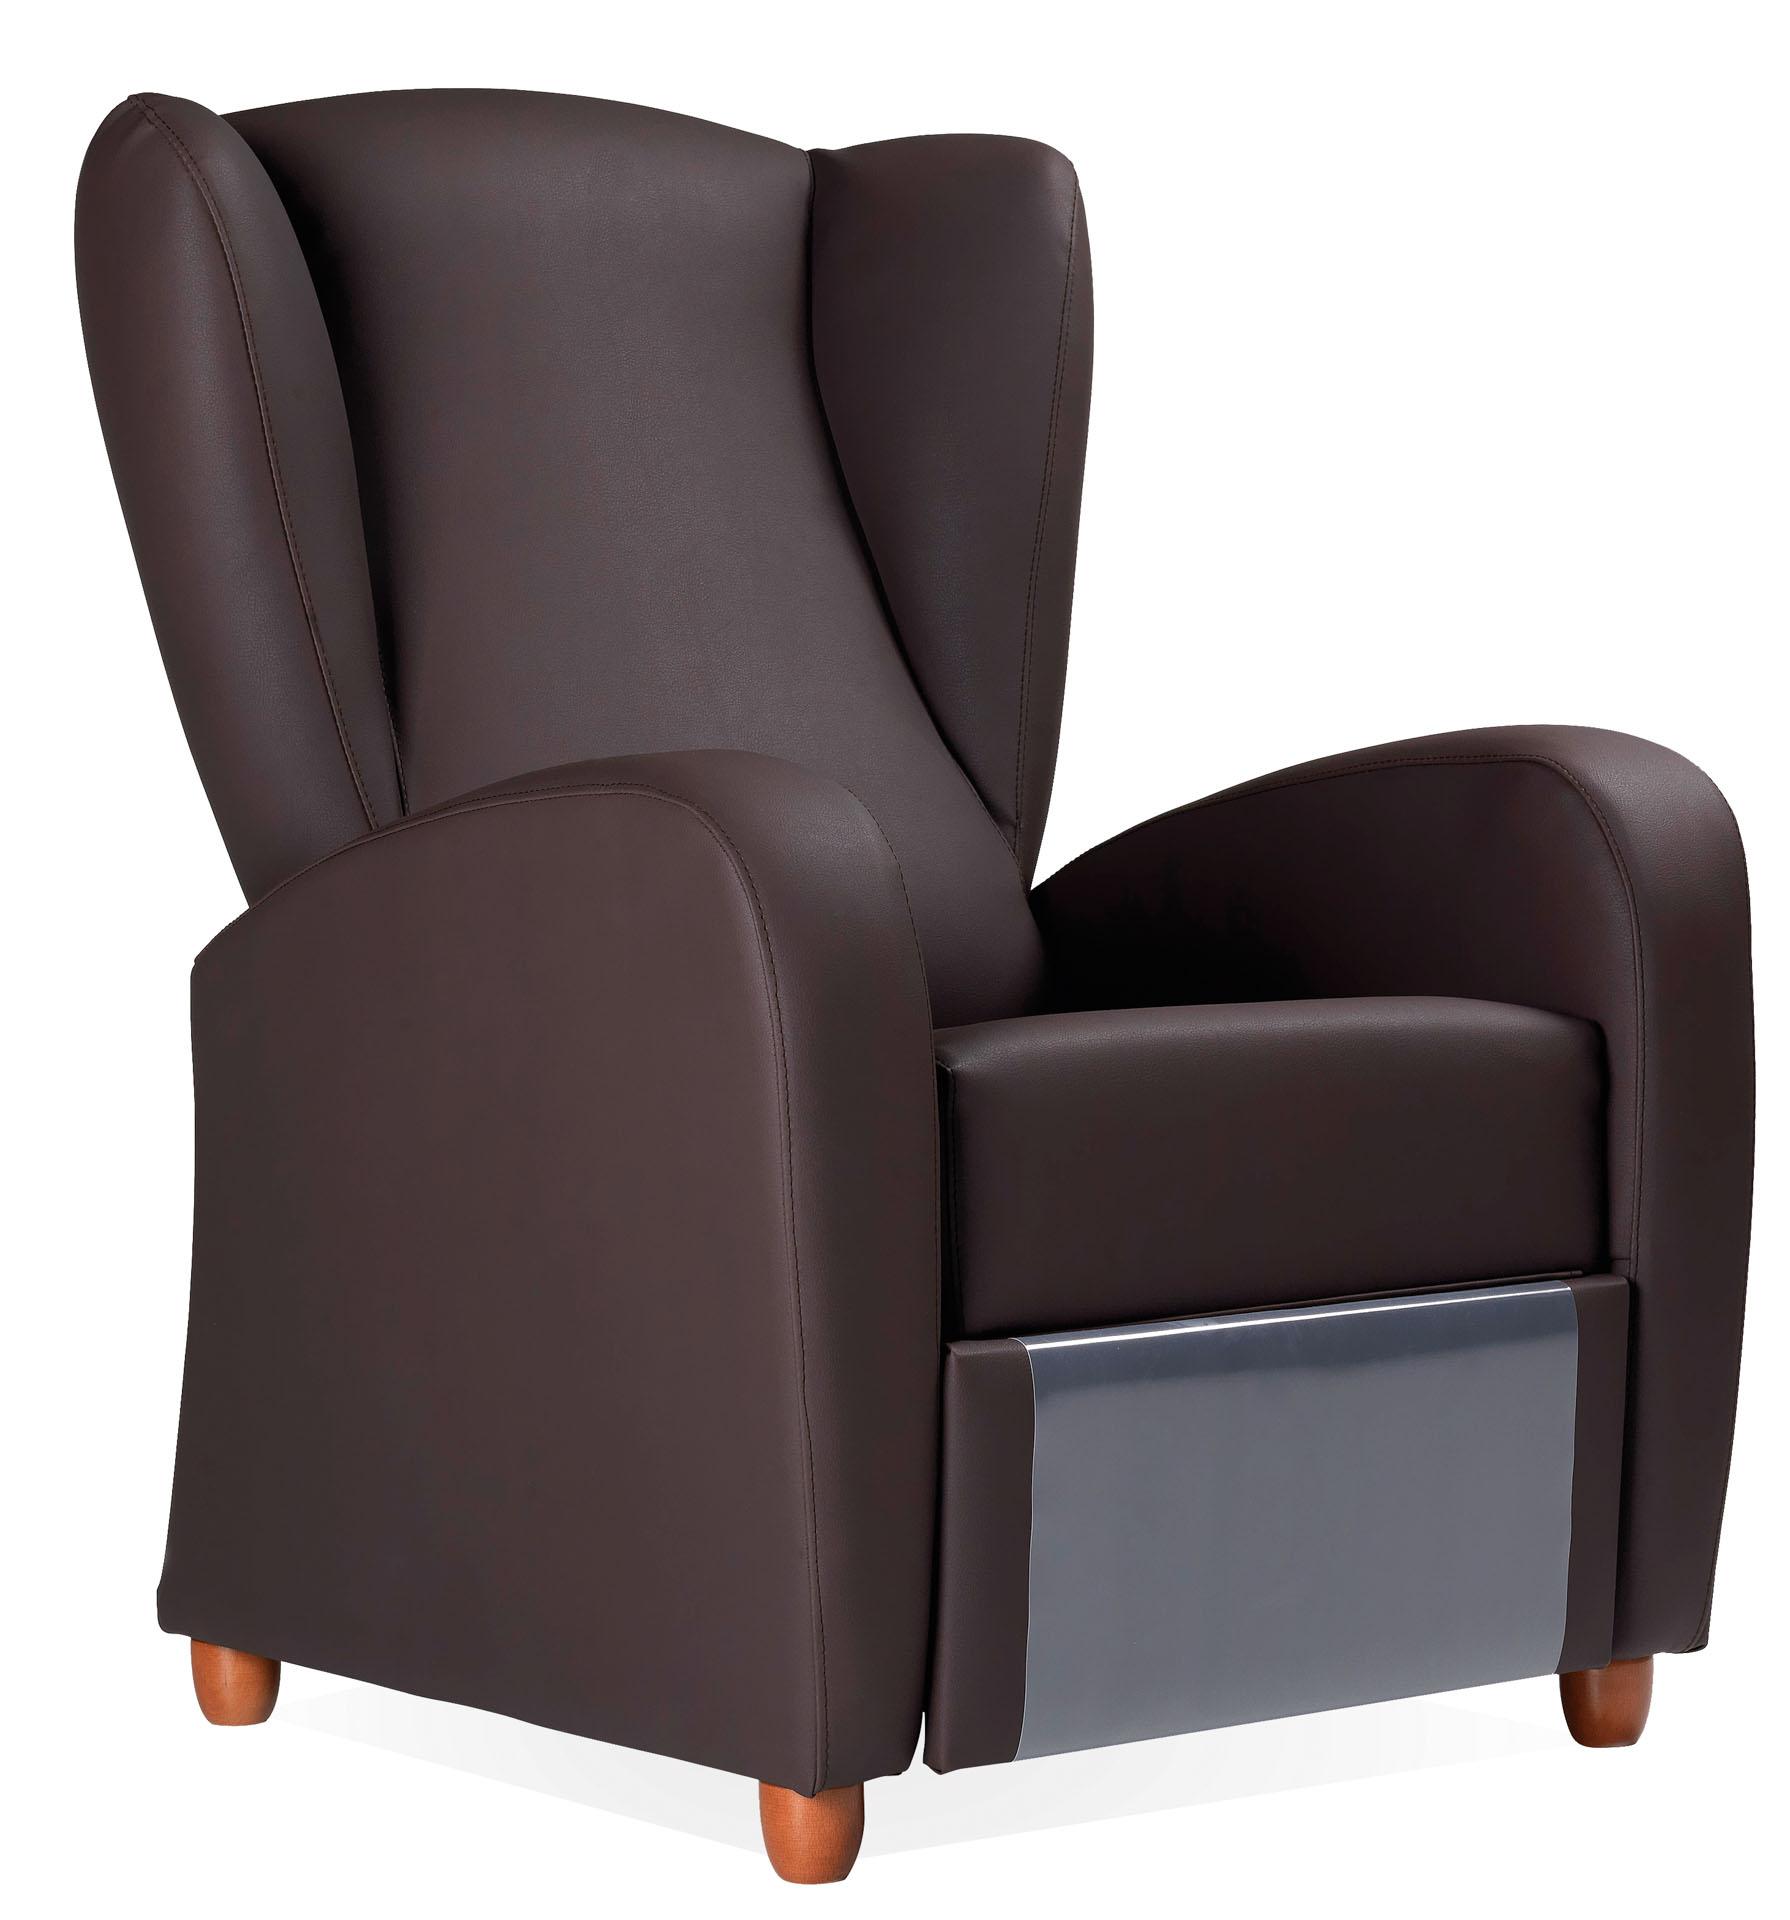 Sillón geriátrico reclinable de diseño refinado y elegante